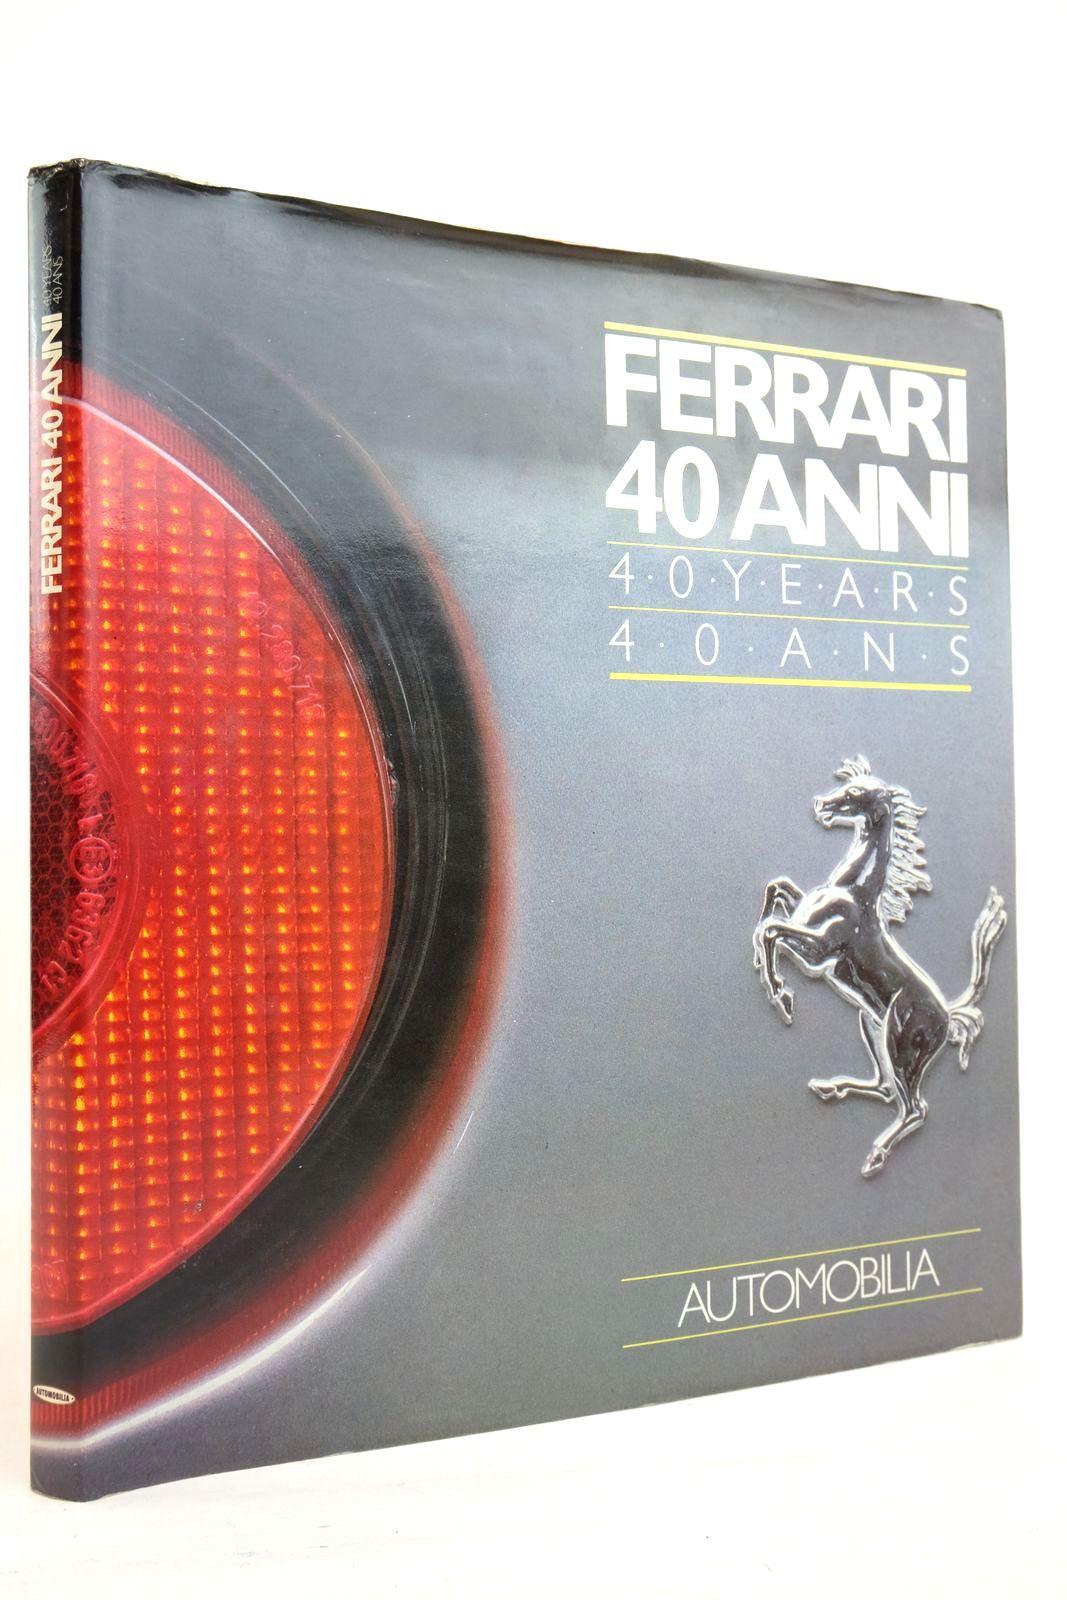 Photo of FERRARI 40 ANNI- Stock Number: 2134649